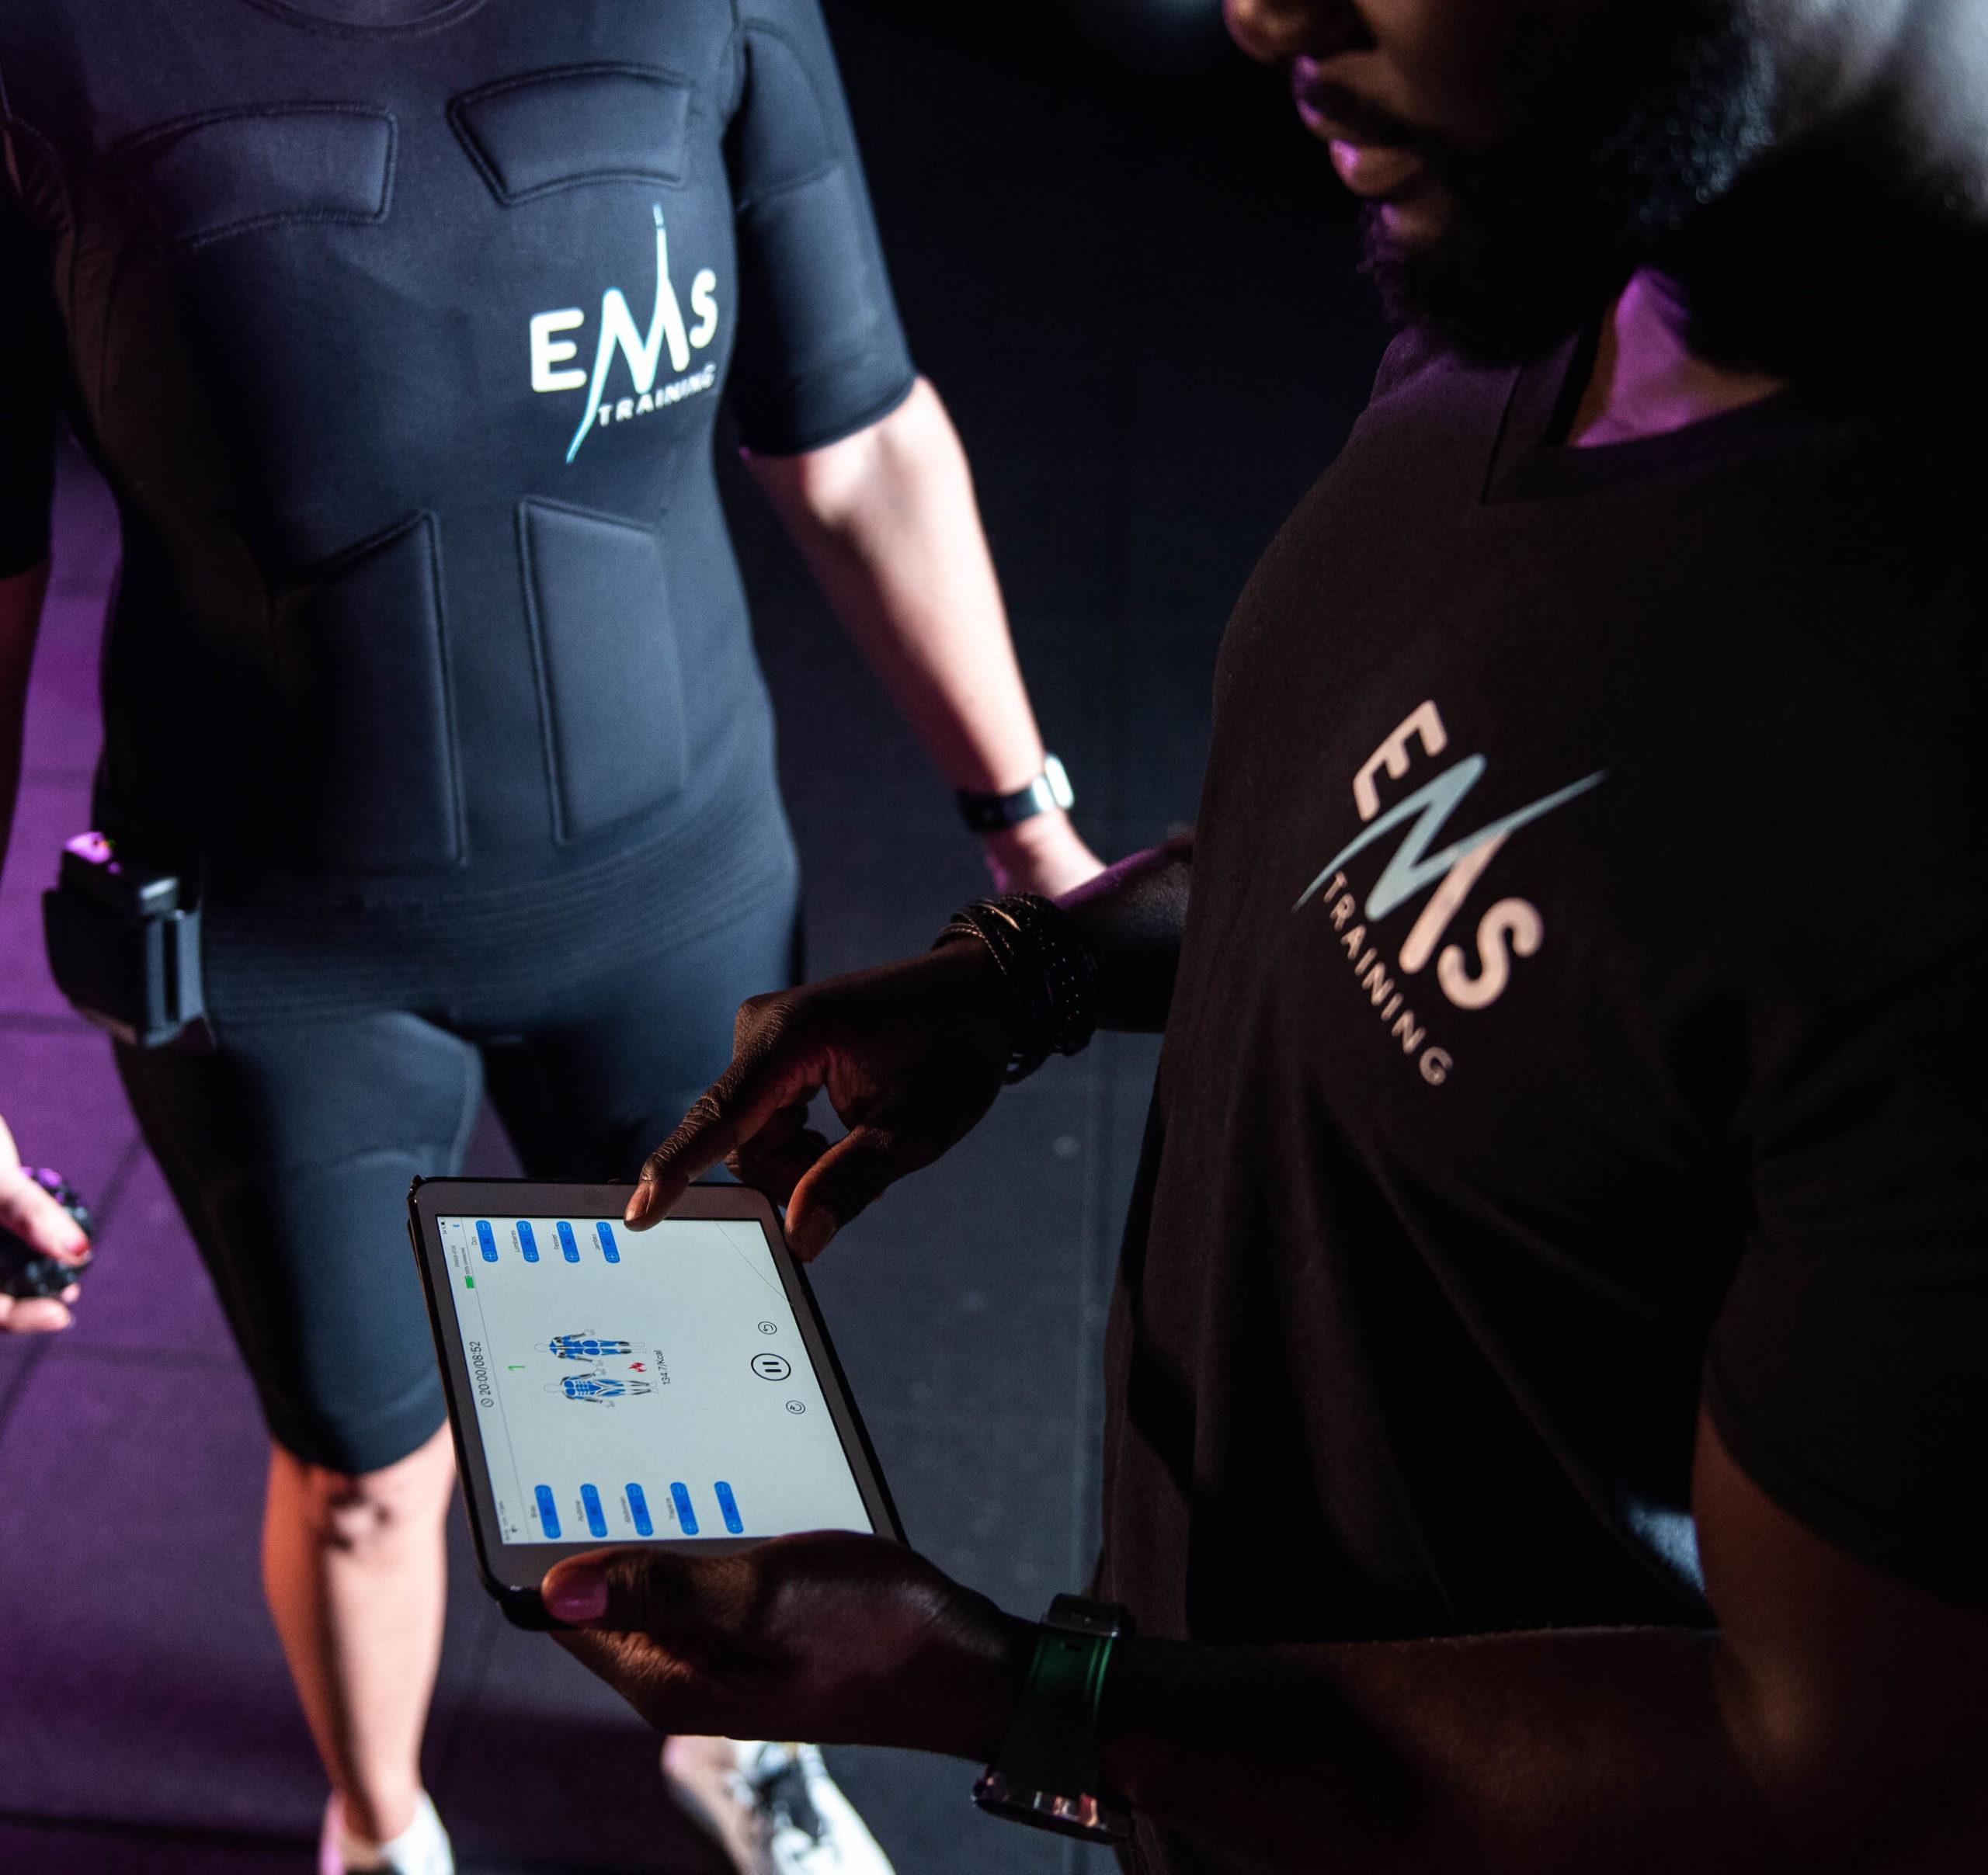 tablette ems